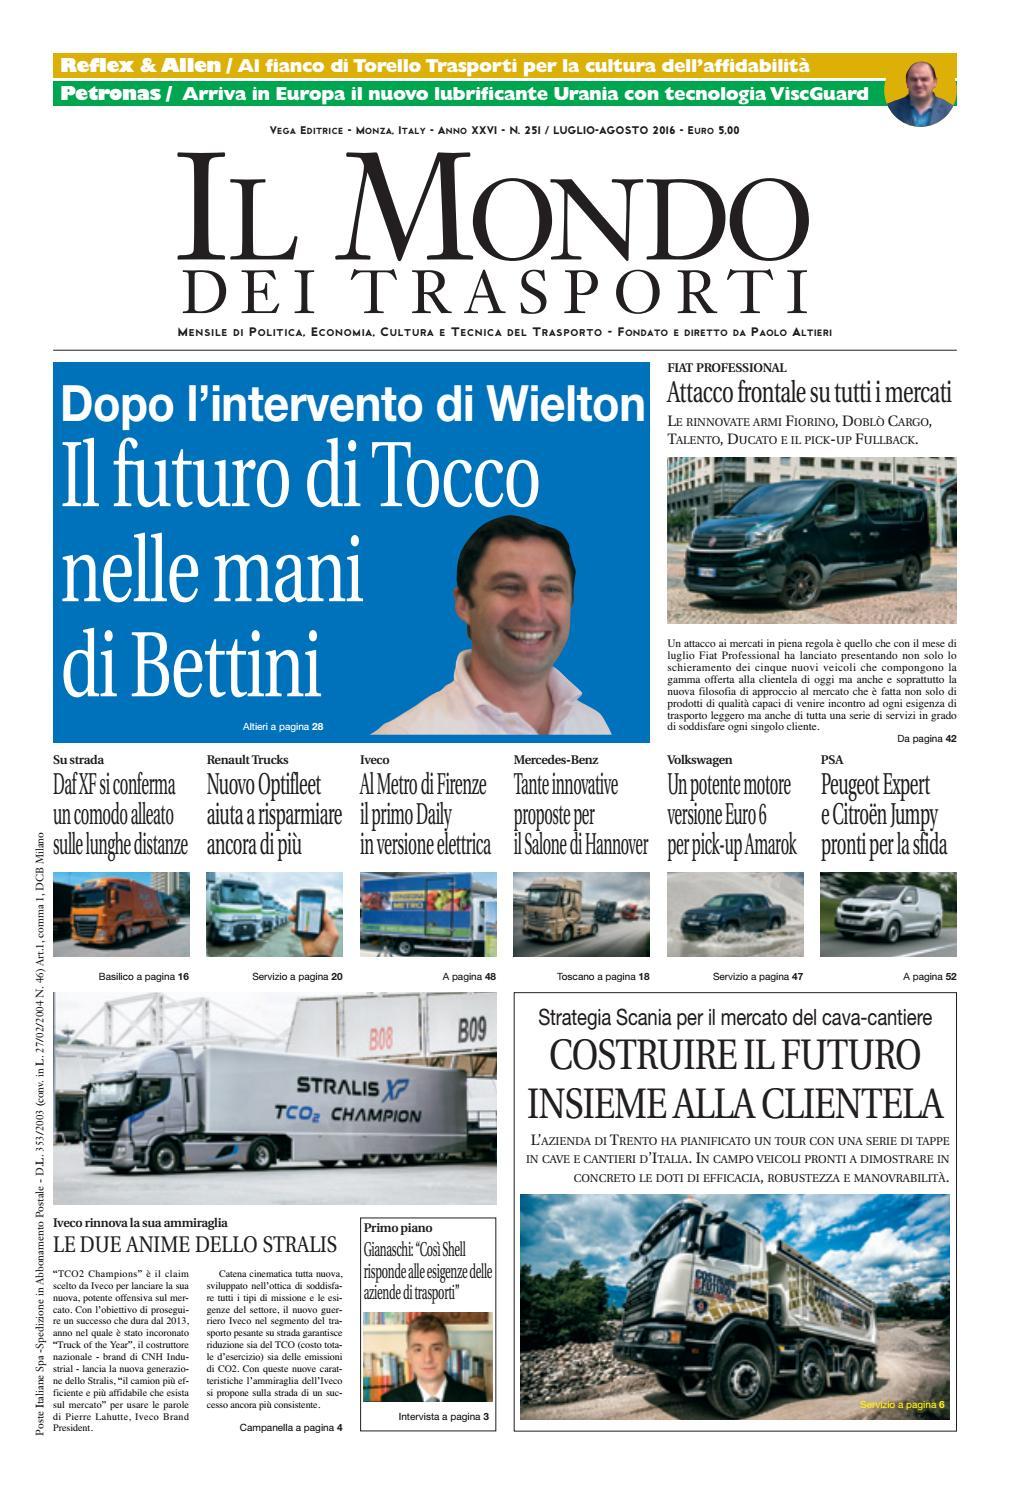 b0c4cd656b37 Il Mondo dei Trasporti - Luglio Agosto 2016 by Vega Editrice - issuu